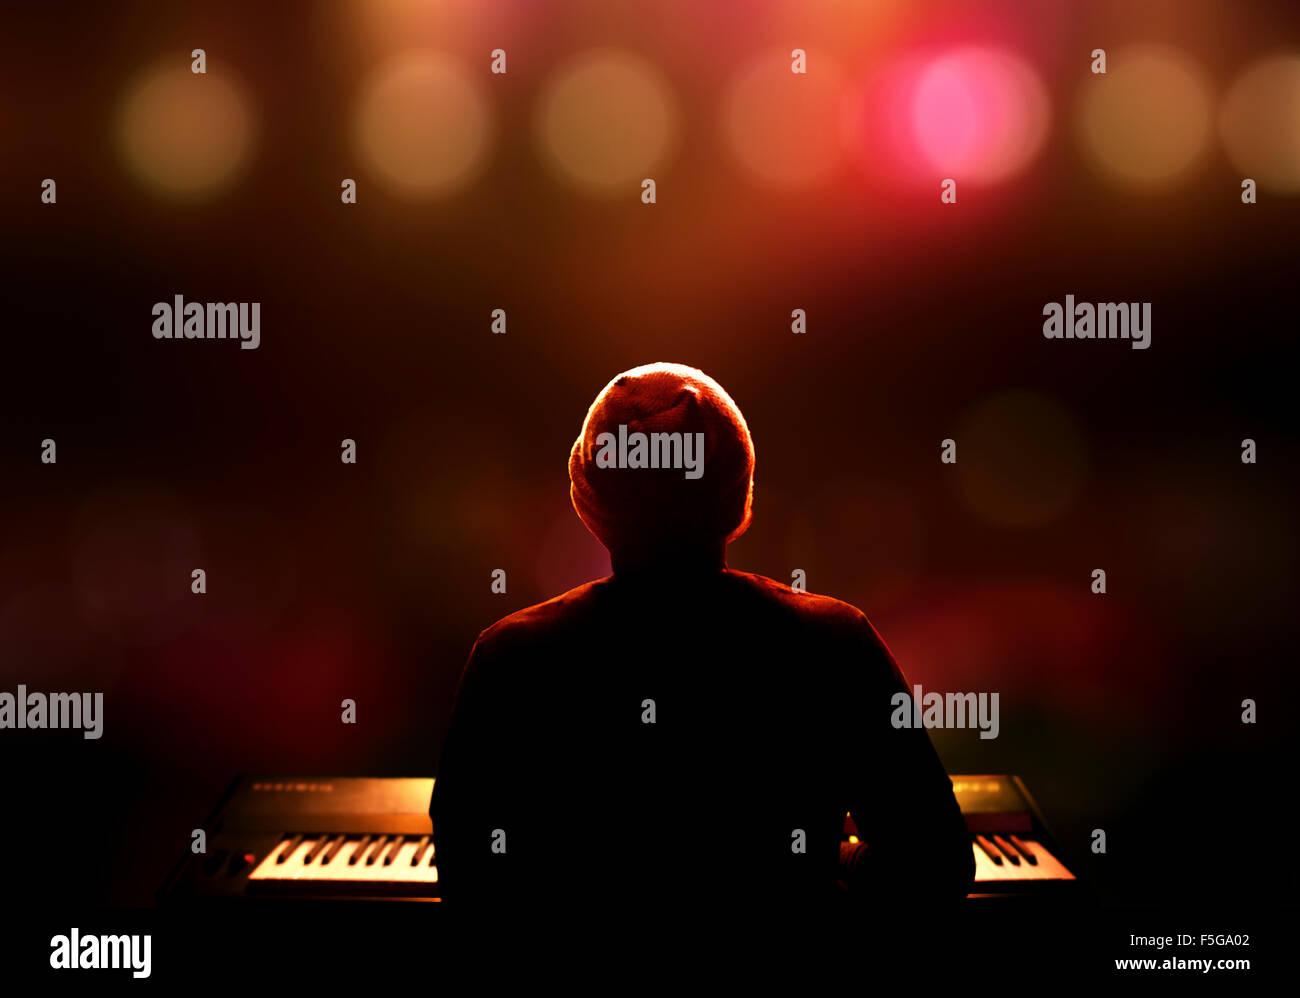 Pianista tocando el sintetizador en directo sobre un escenario. Visto desde atrás con extrema someras DOF Imagen De Stock